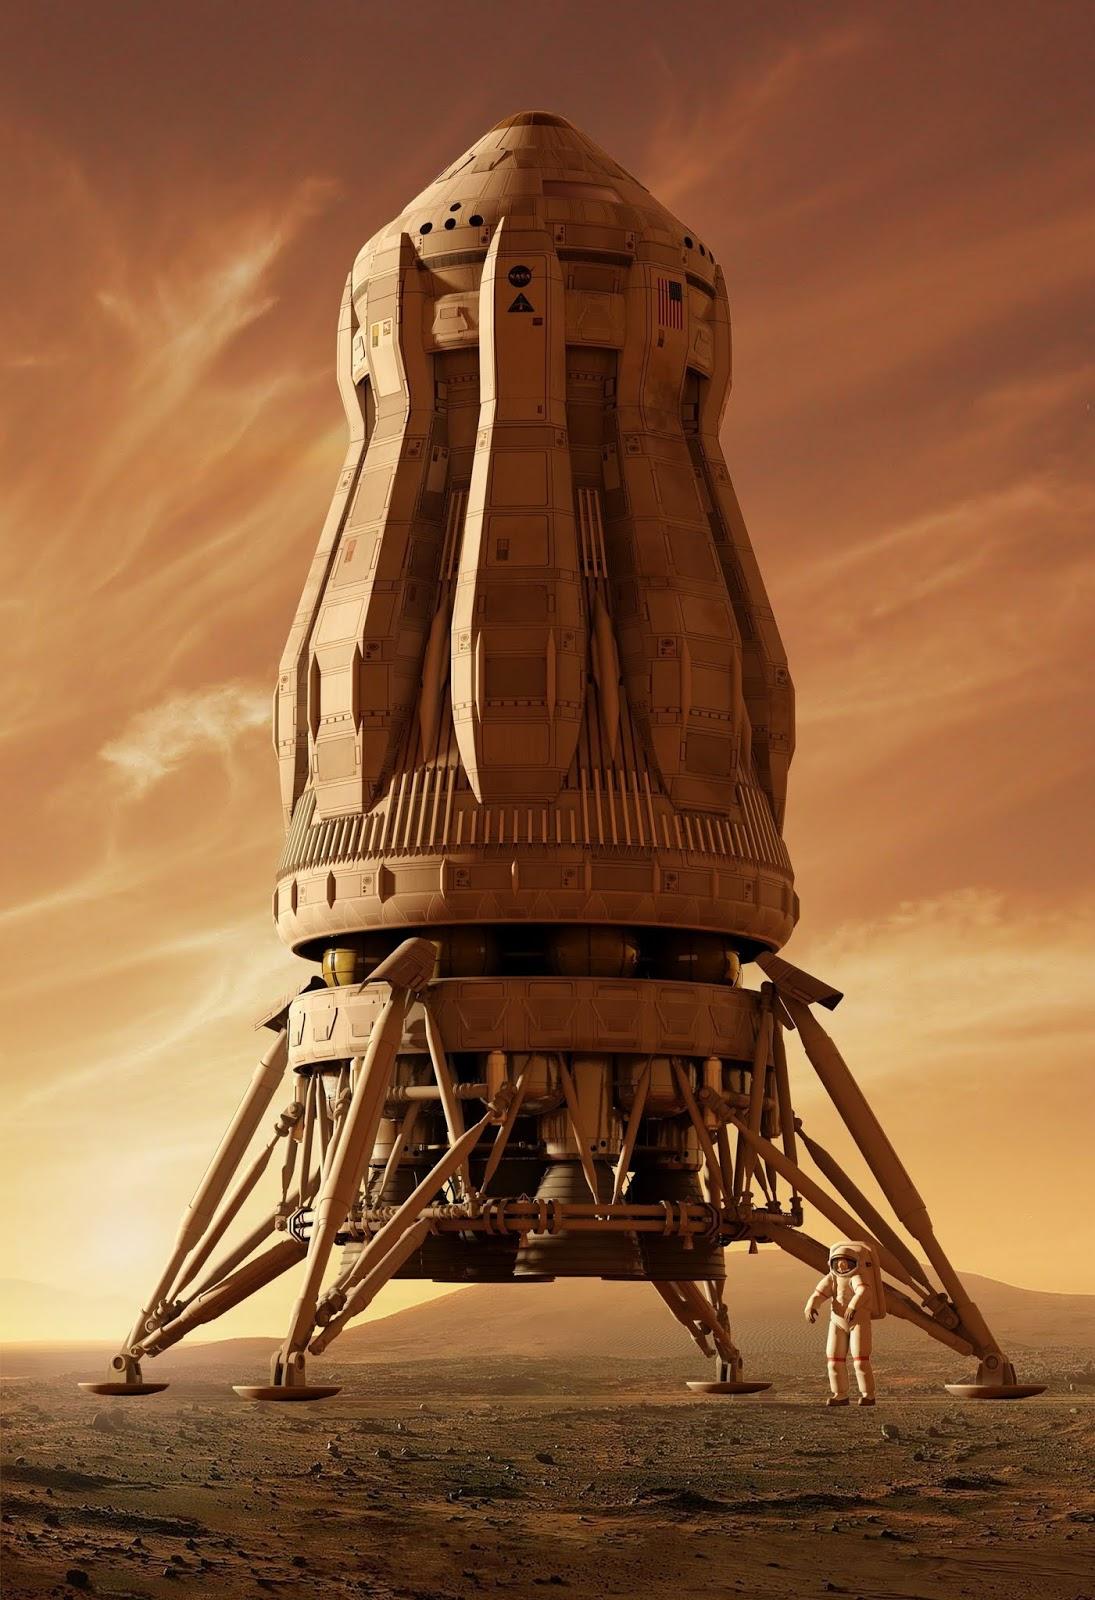 MAV - concept art for The Martian by Steve Burg